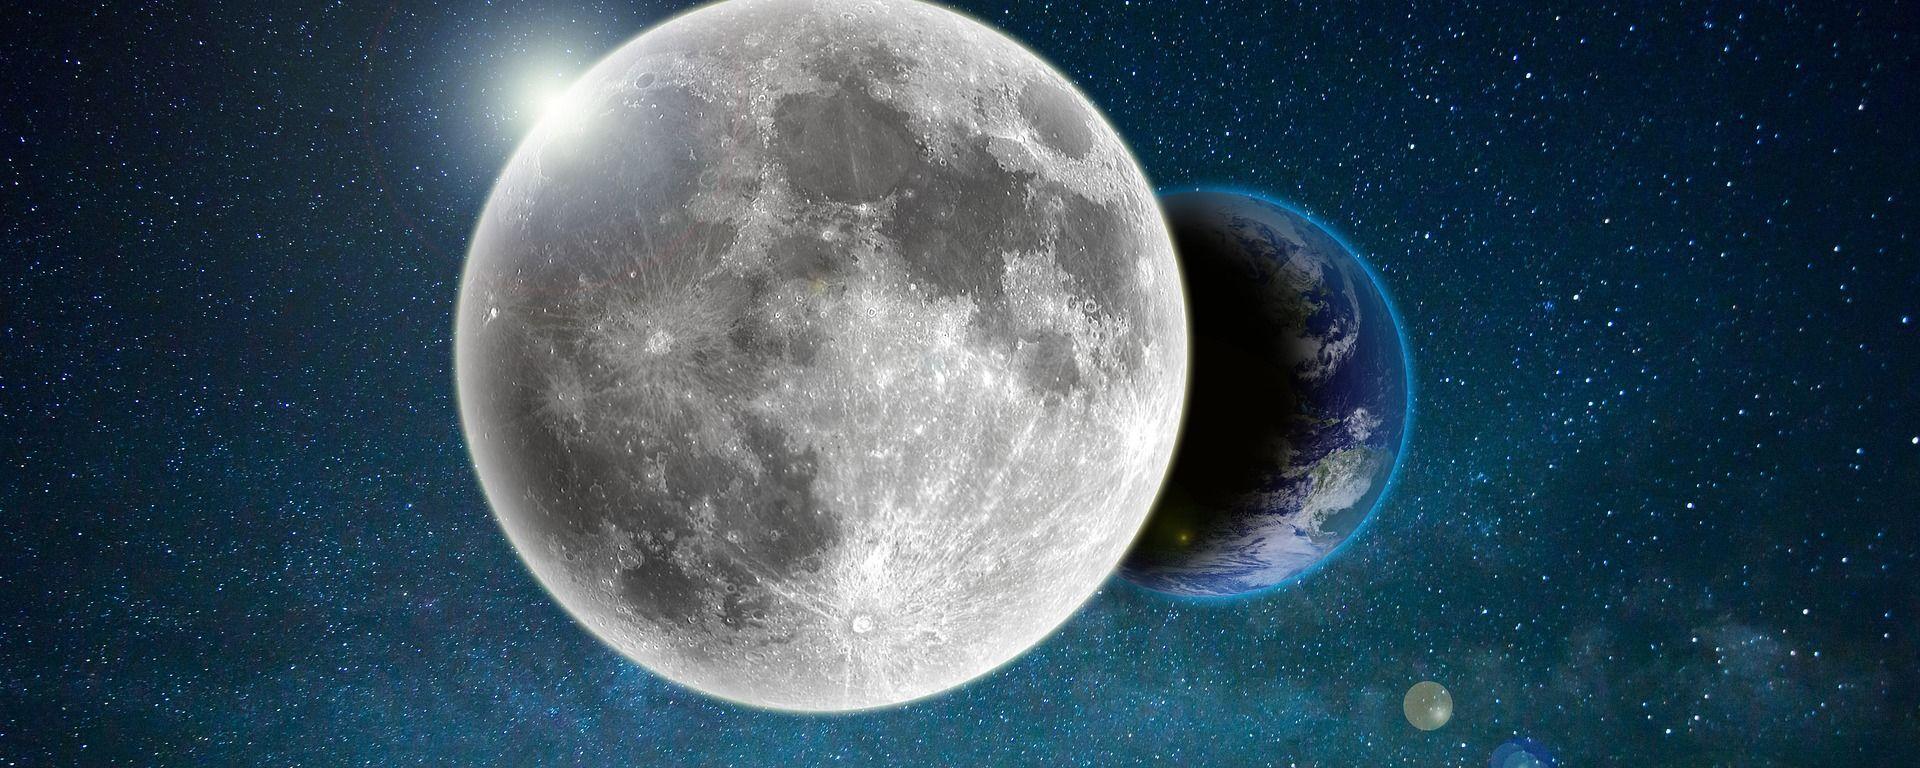 La Luna y la Tierra (ilustración) - Sputnik Mundo, 1920, 28.07.2020